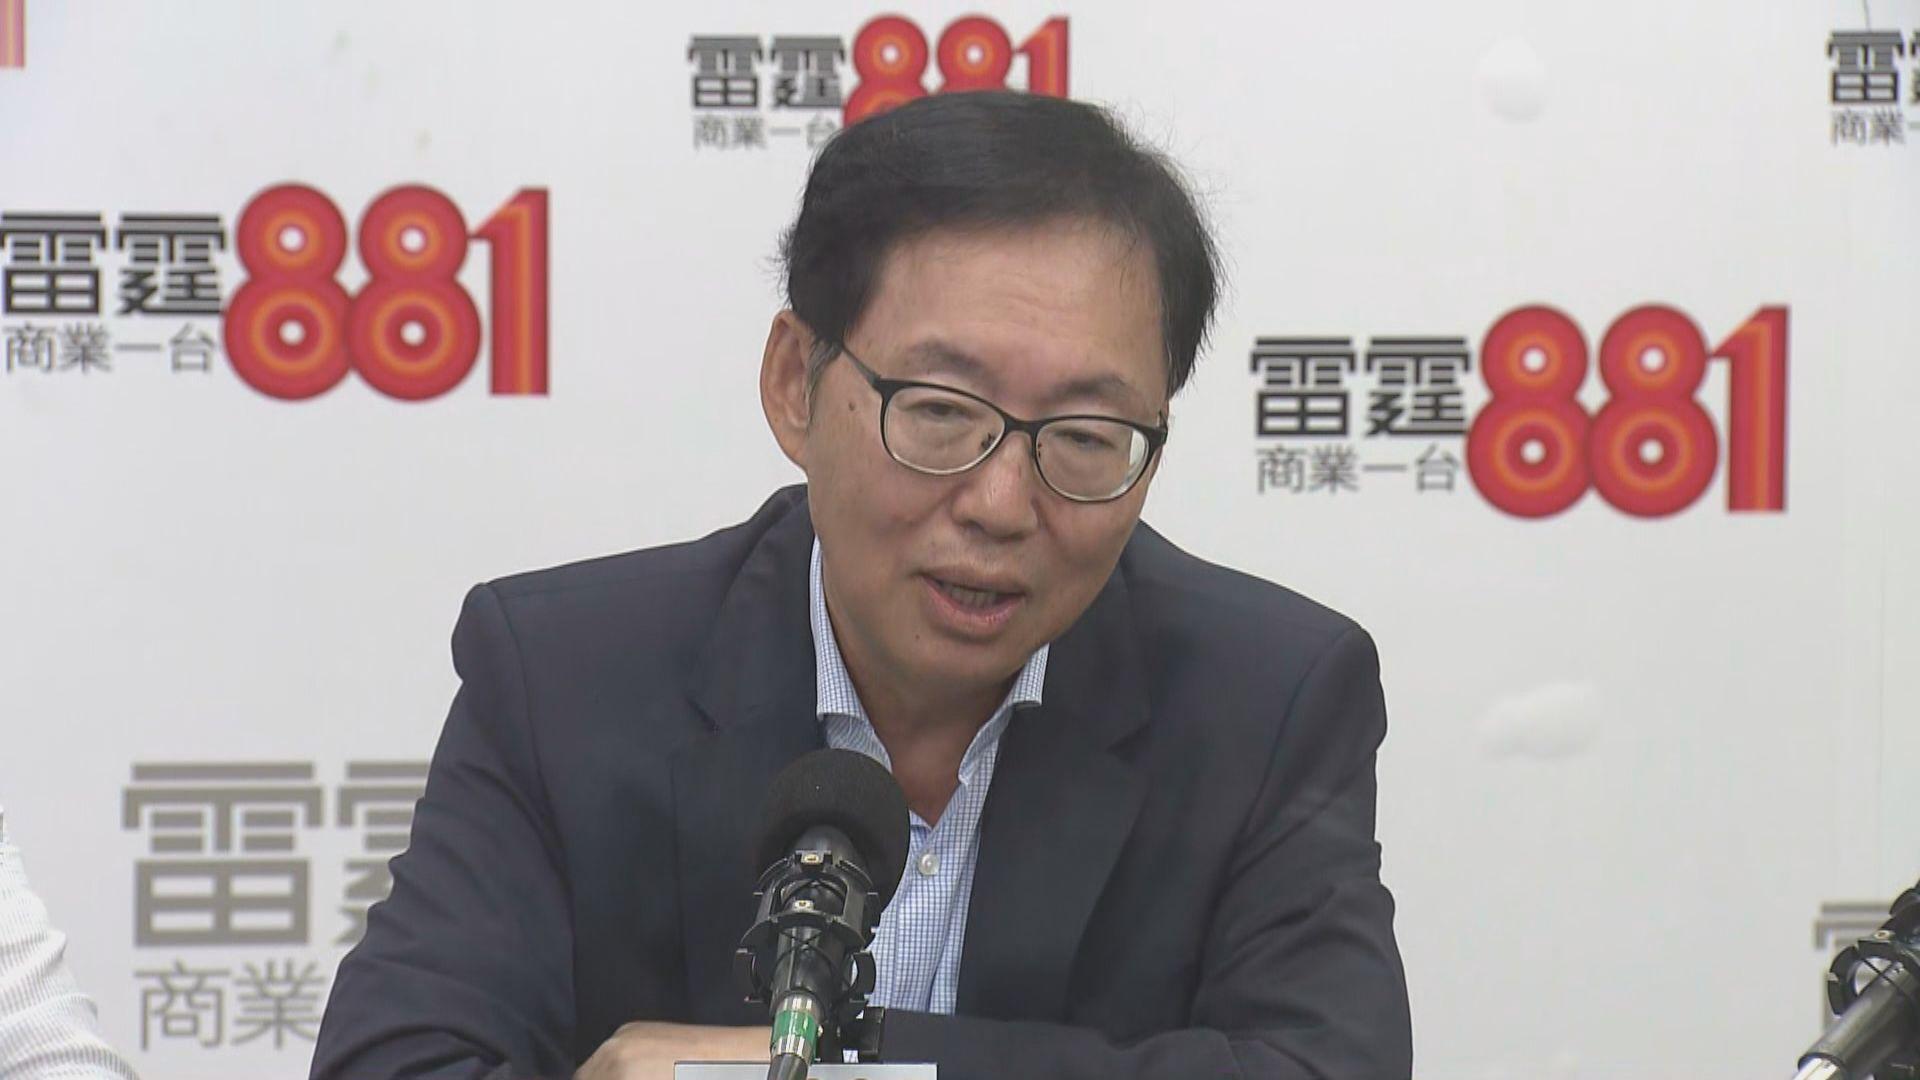 陳健波:目前社會氣氛不適宜召開財委會會議